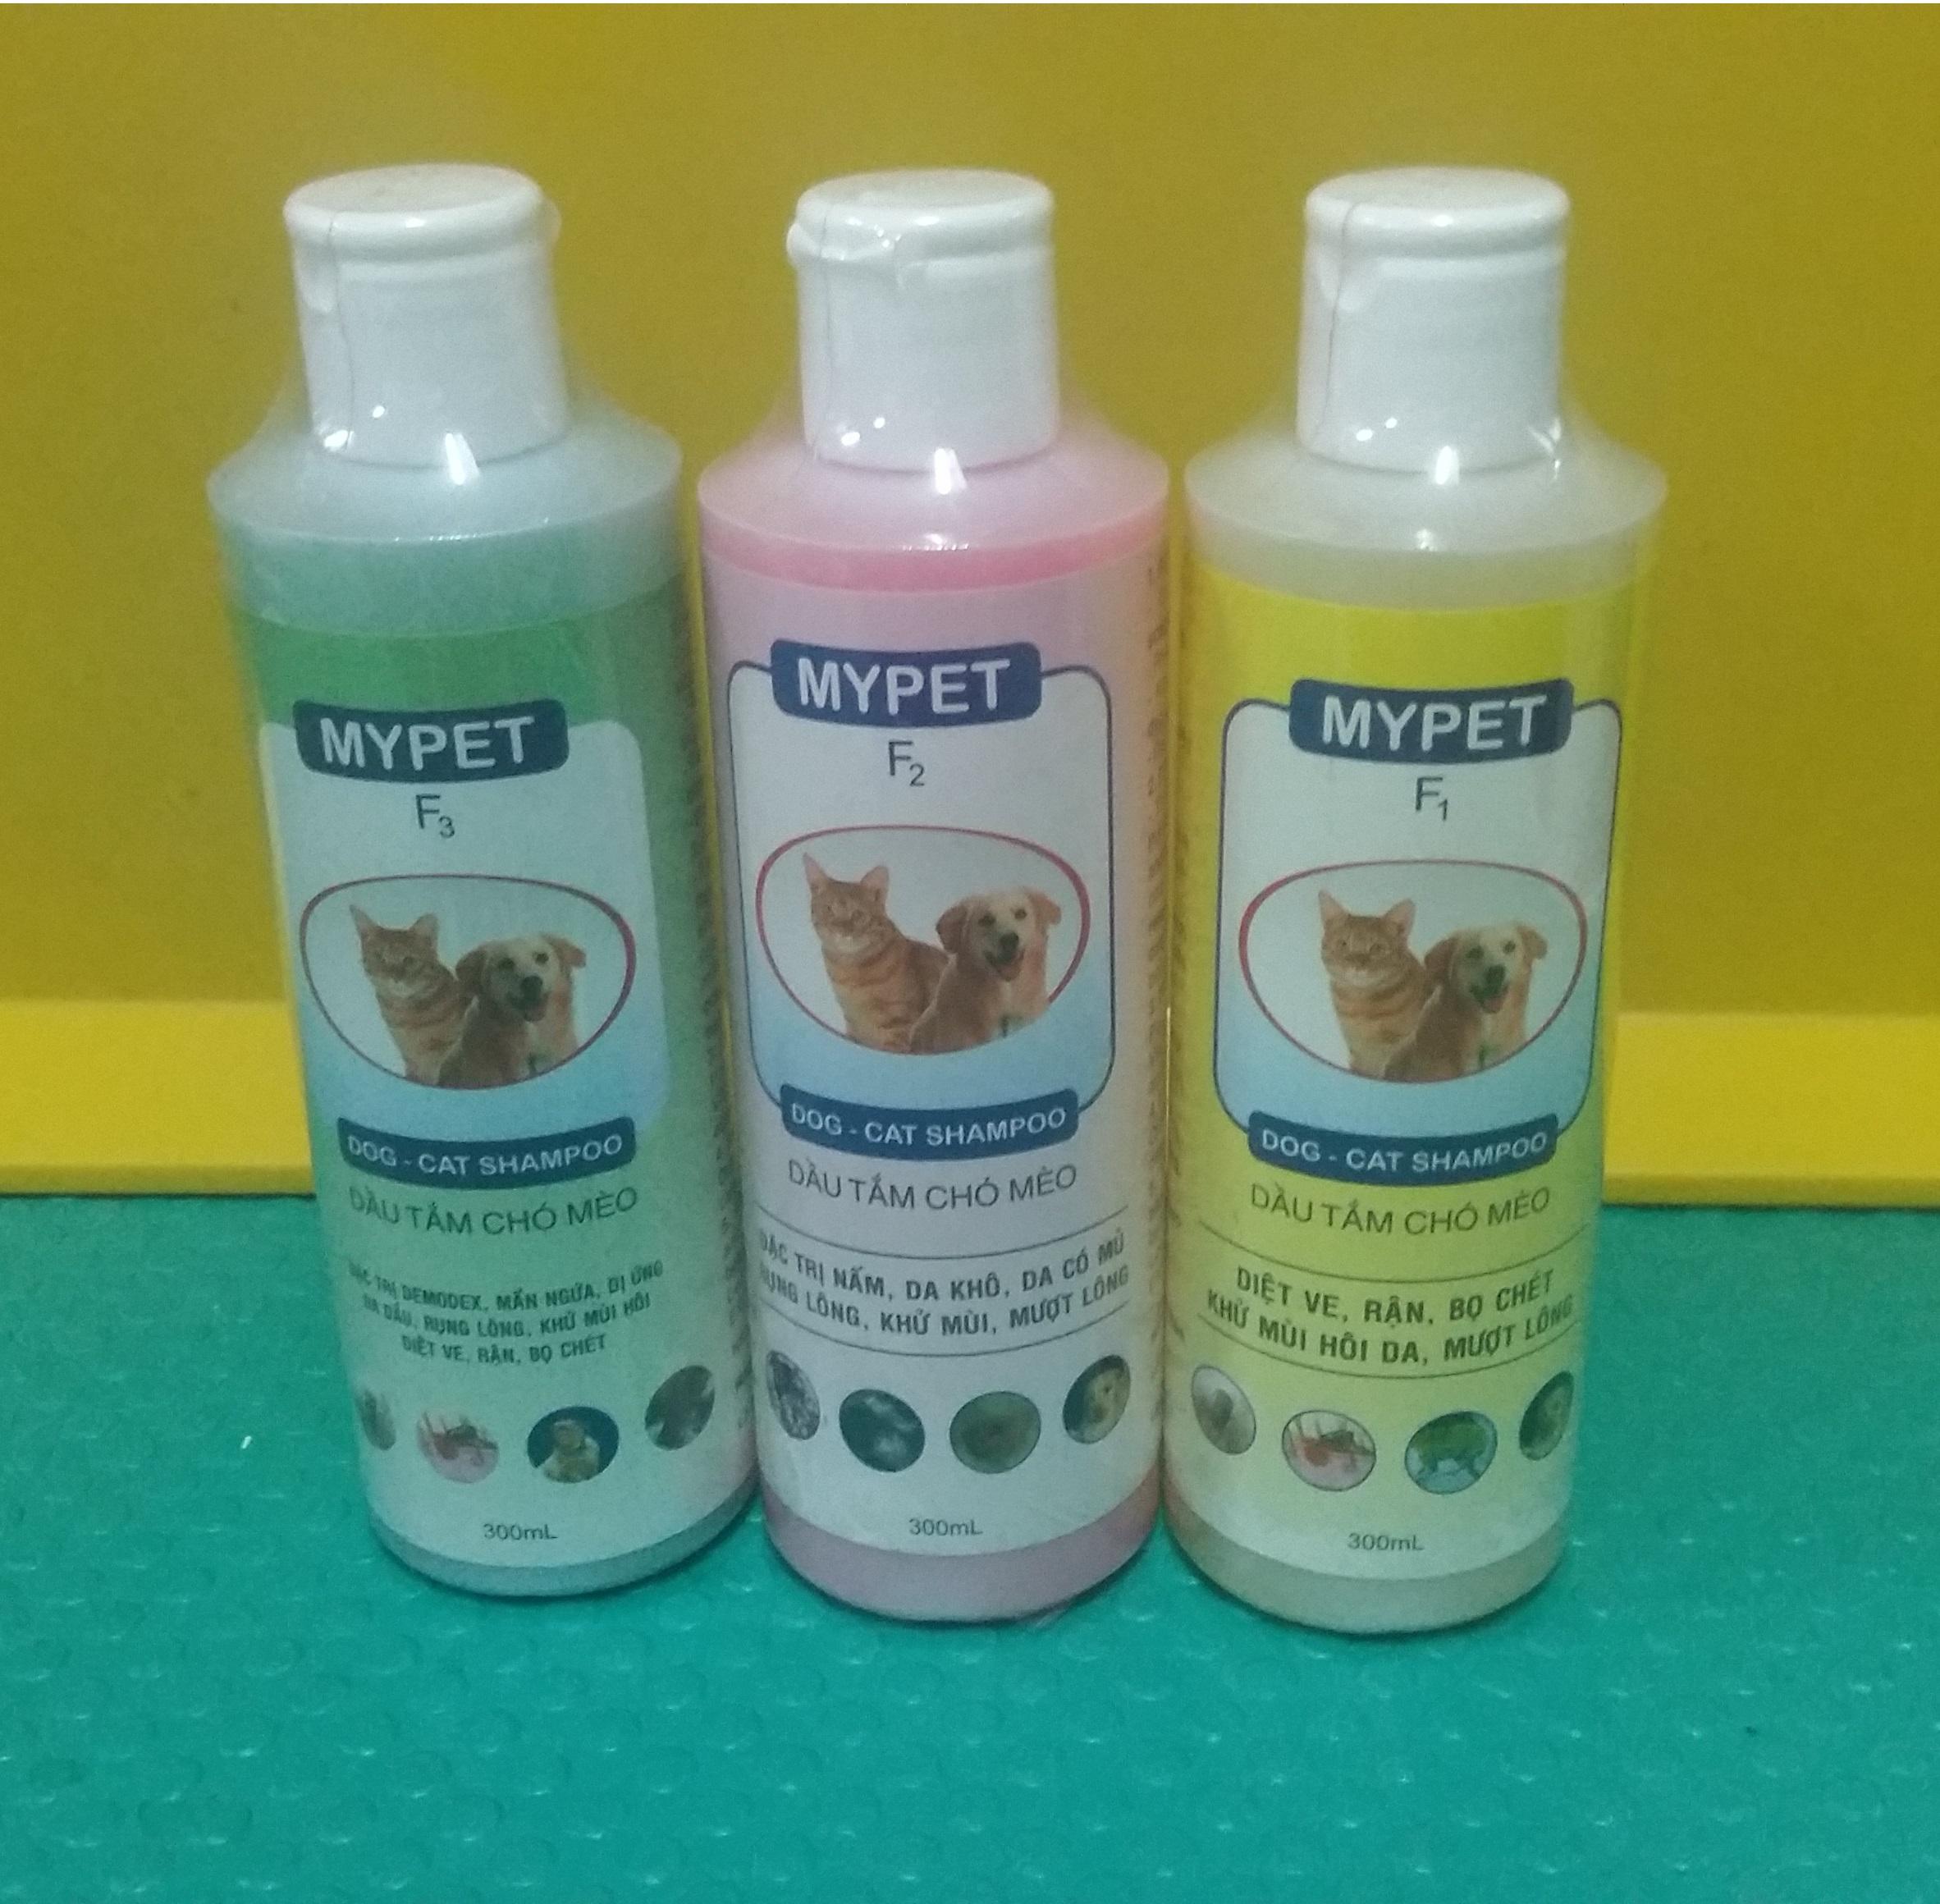 Dầu tắm chó mèo MyPet F1